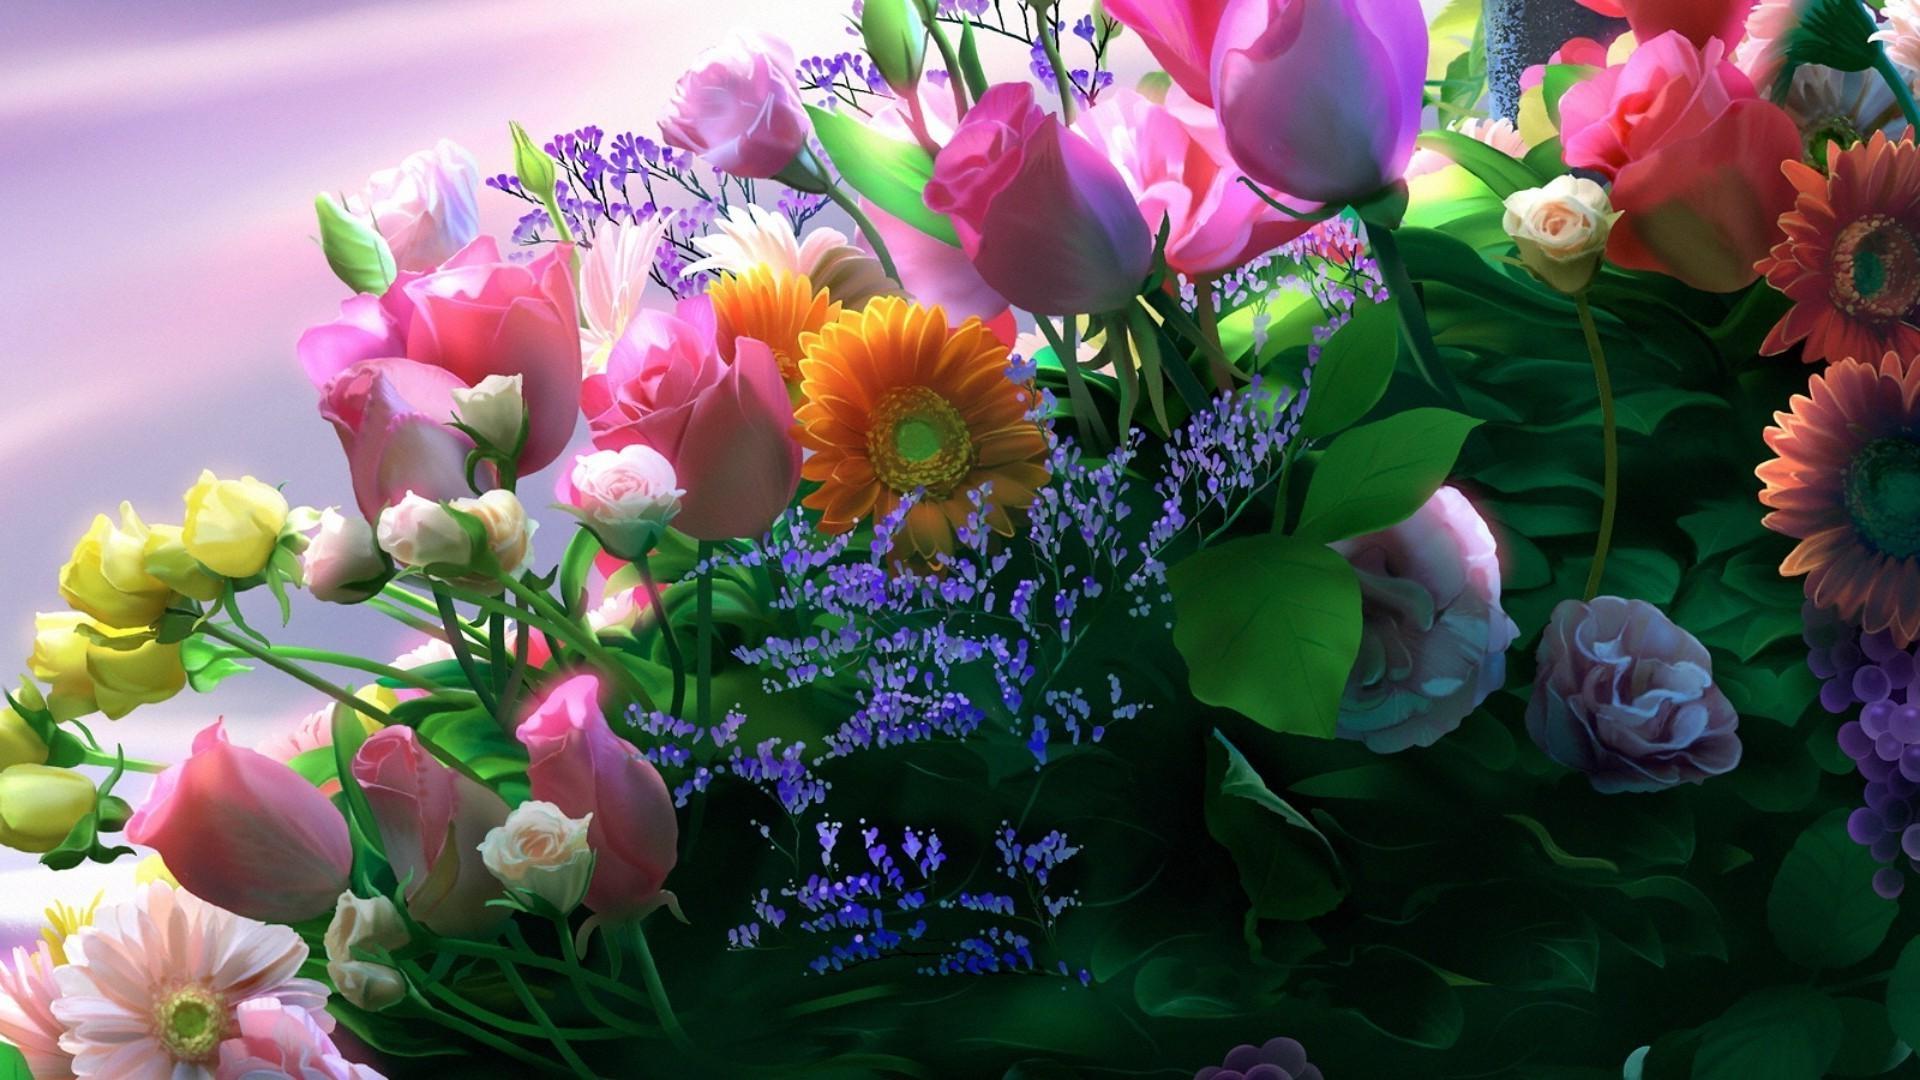 кому, поздравление молодому рабочему столу установка кладбище москвы